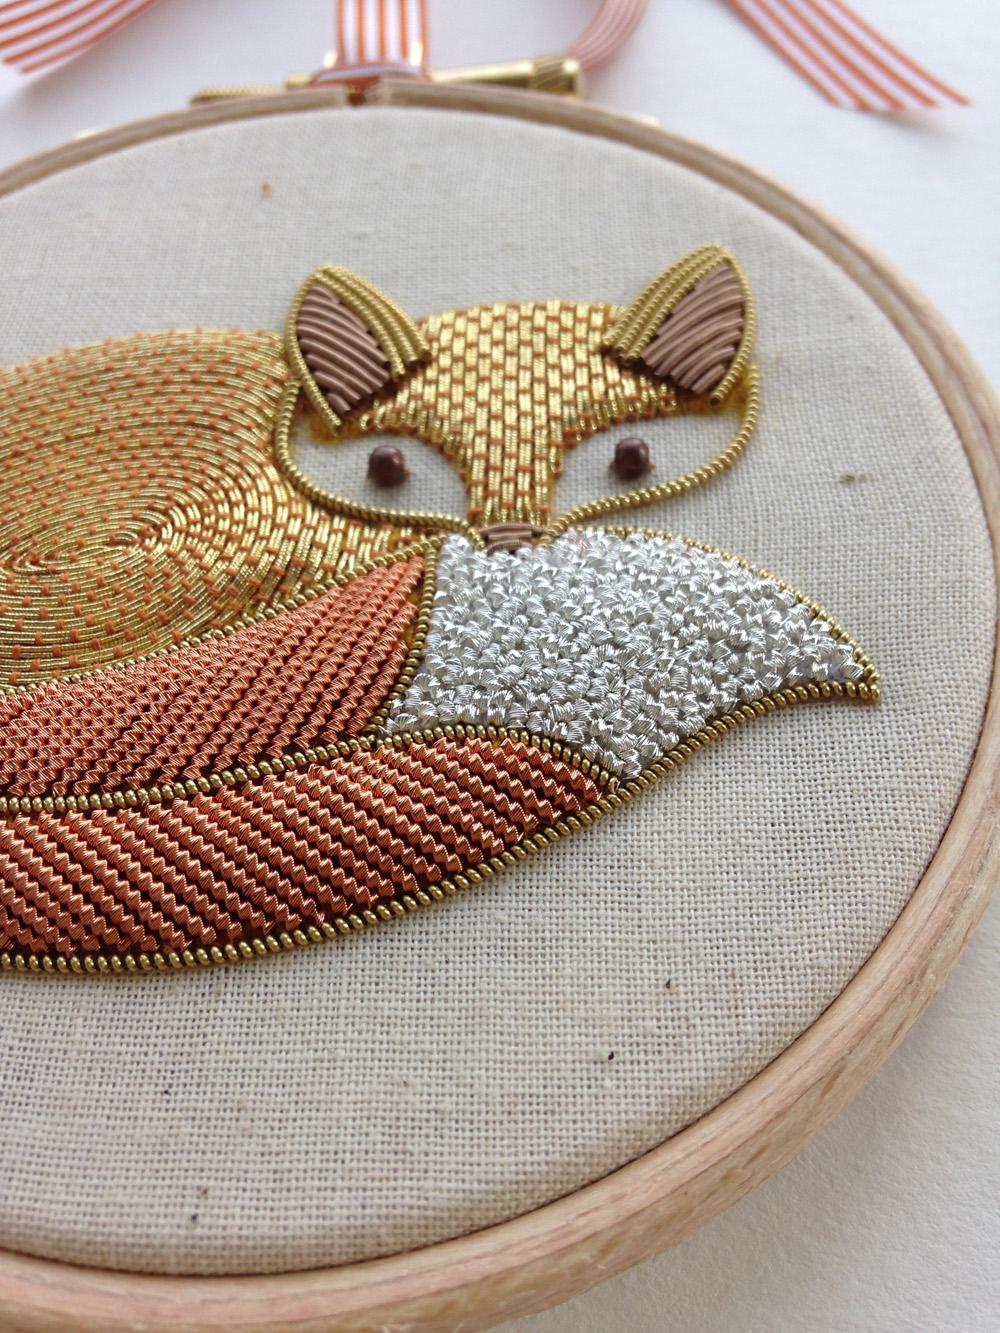 Délicieux Broderie Au Fil D Or #14: ... Broderie Du0027or Au Goût Du Jour ! Foxy -closeup // Royal School Of  Needlework